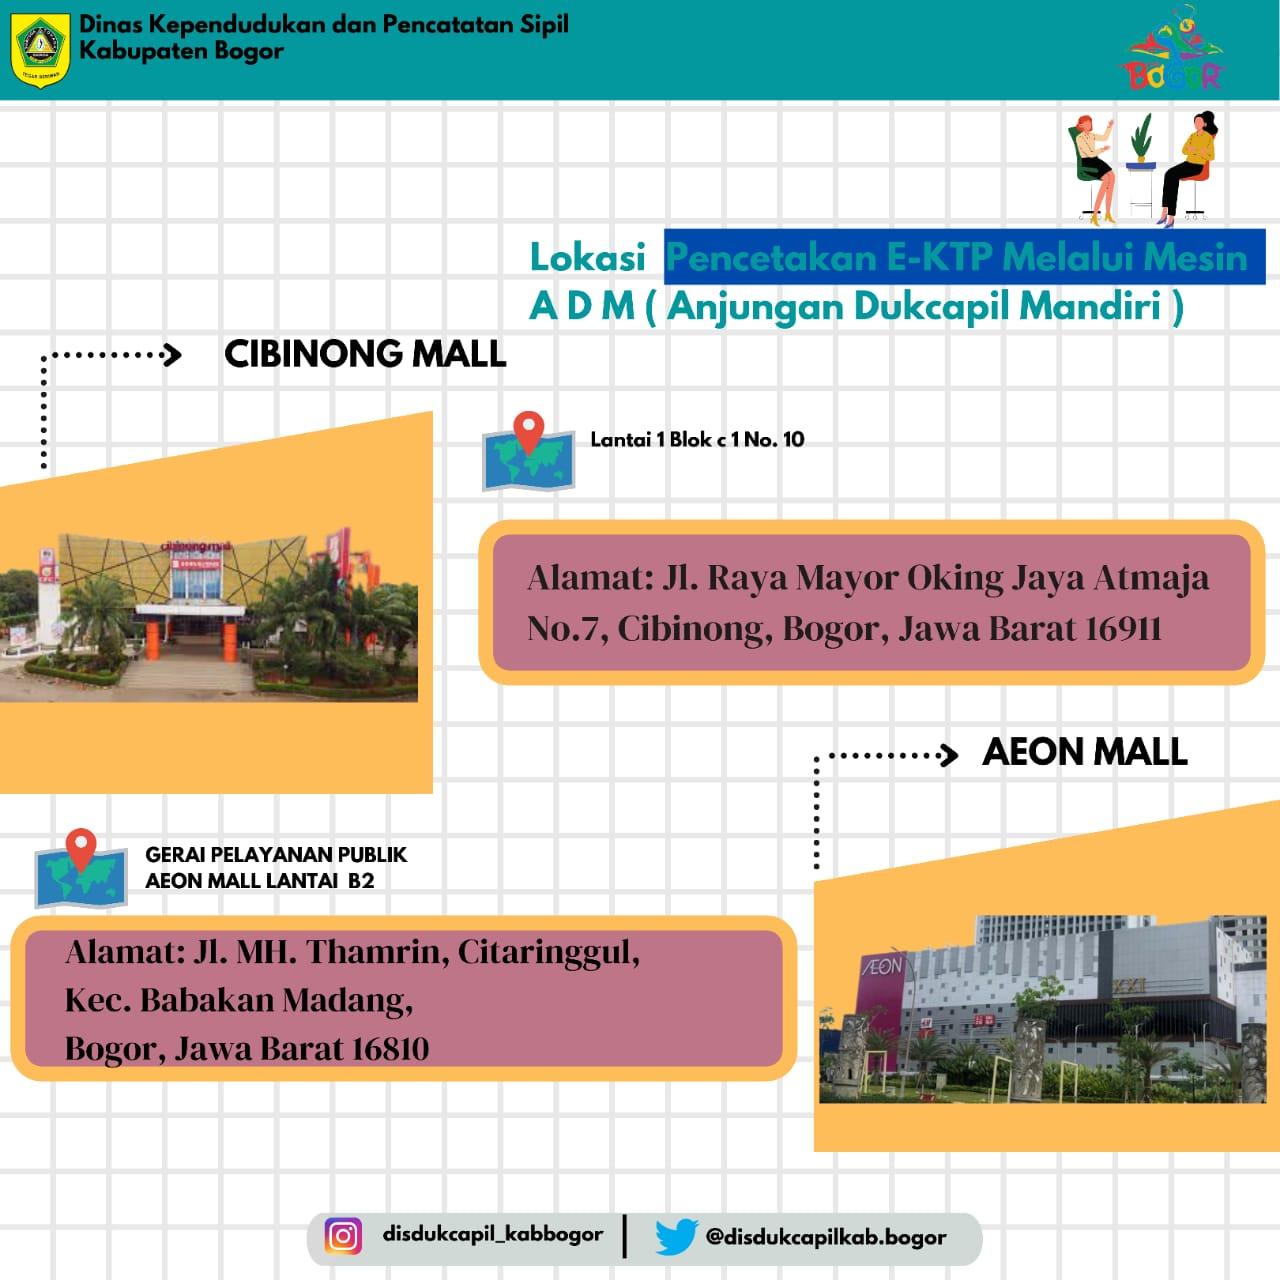 Cetak E-KTP Melalui Mesin ADM Kini Hadir di Cibinong Mall & AEON Mall